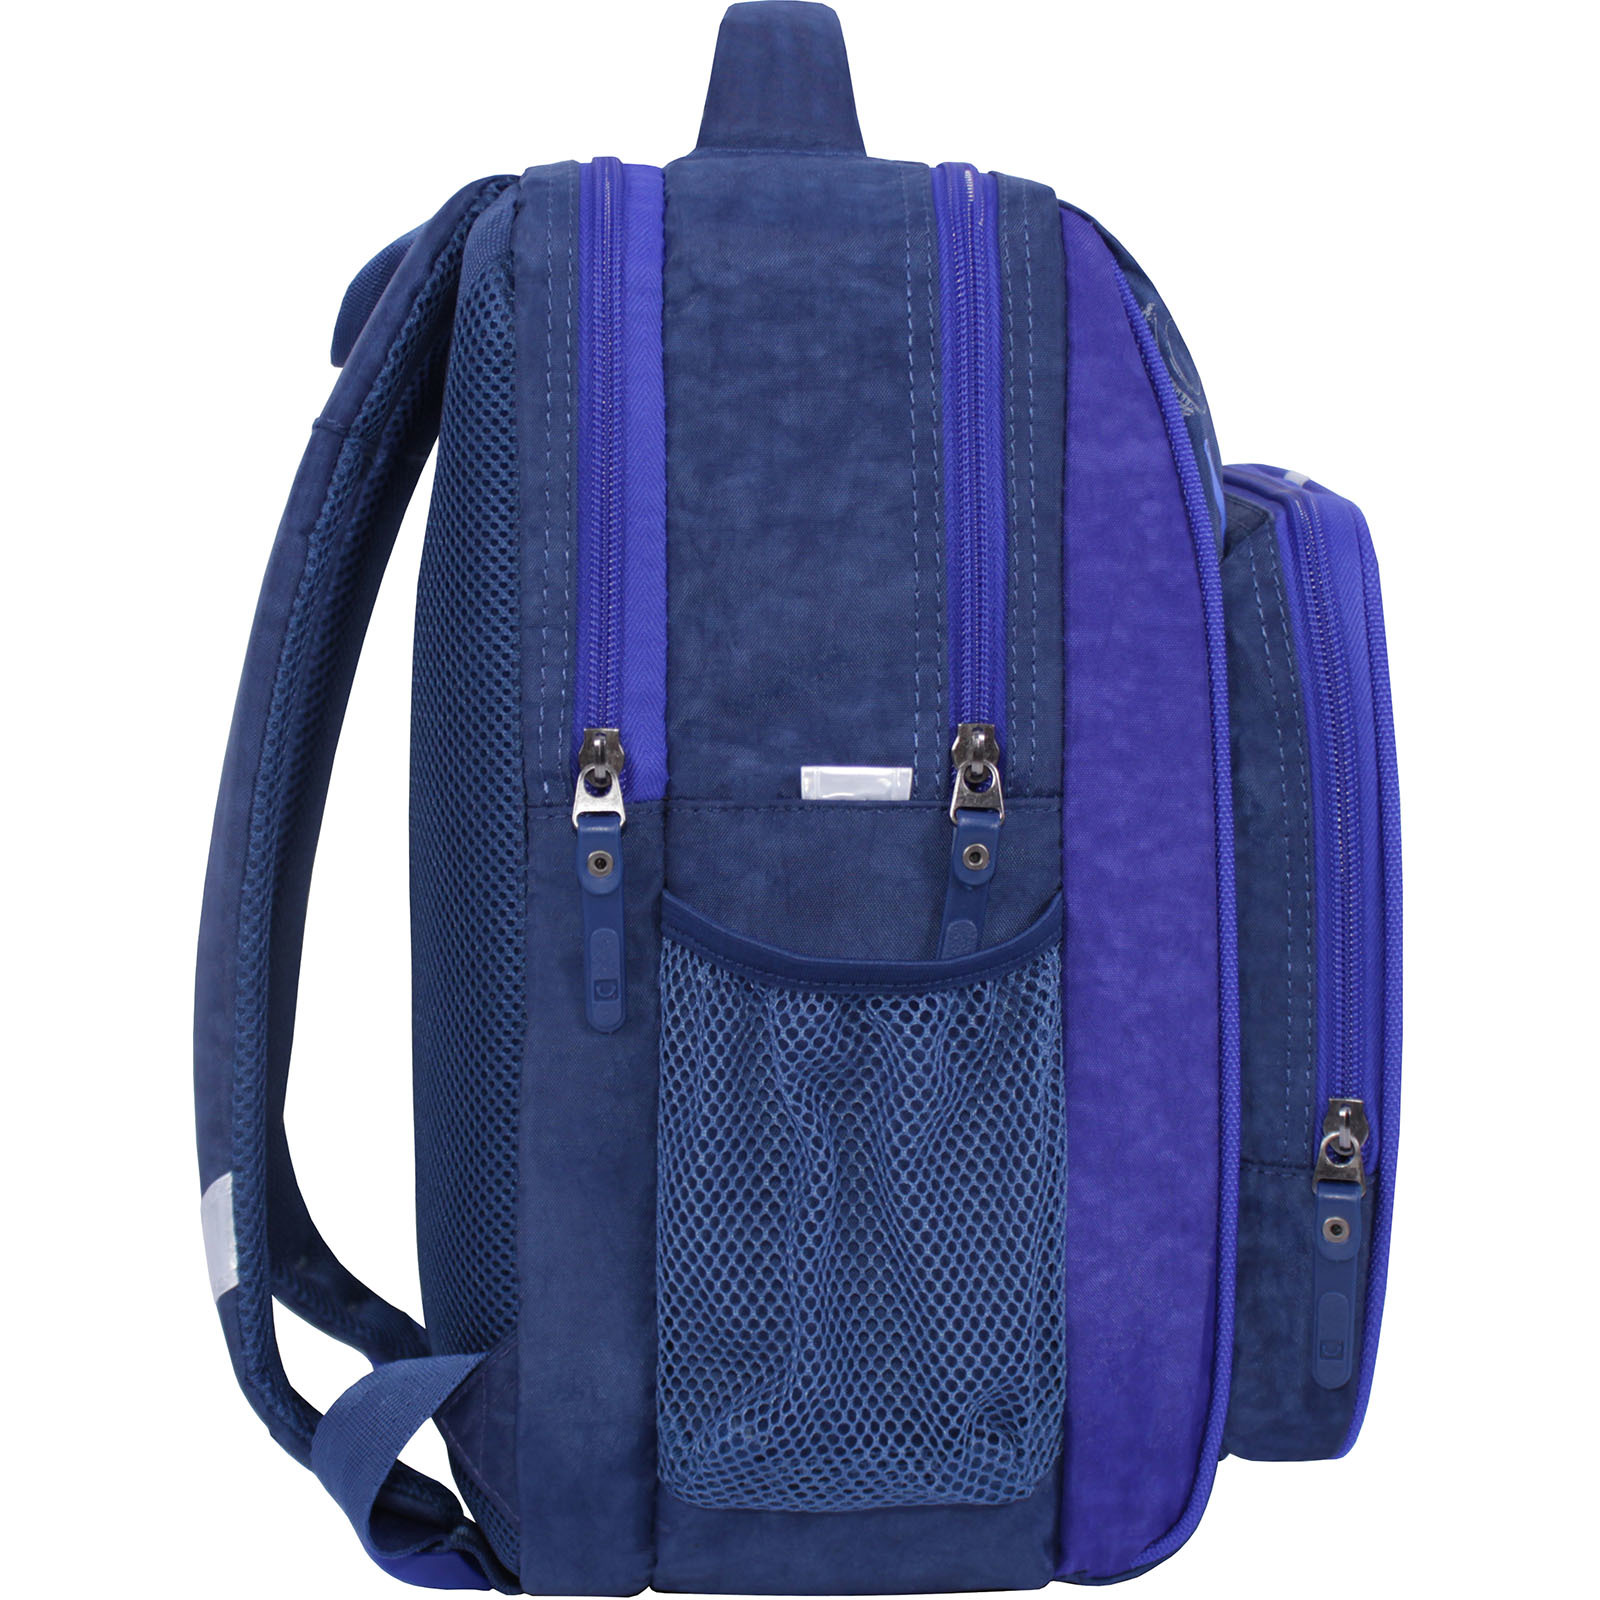 Рюкзак школьный Bagland Школьник 8 л. синий 507 (0012870) фото 2